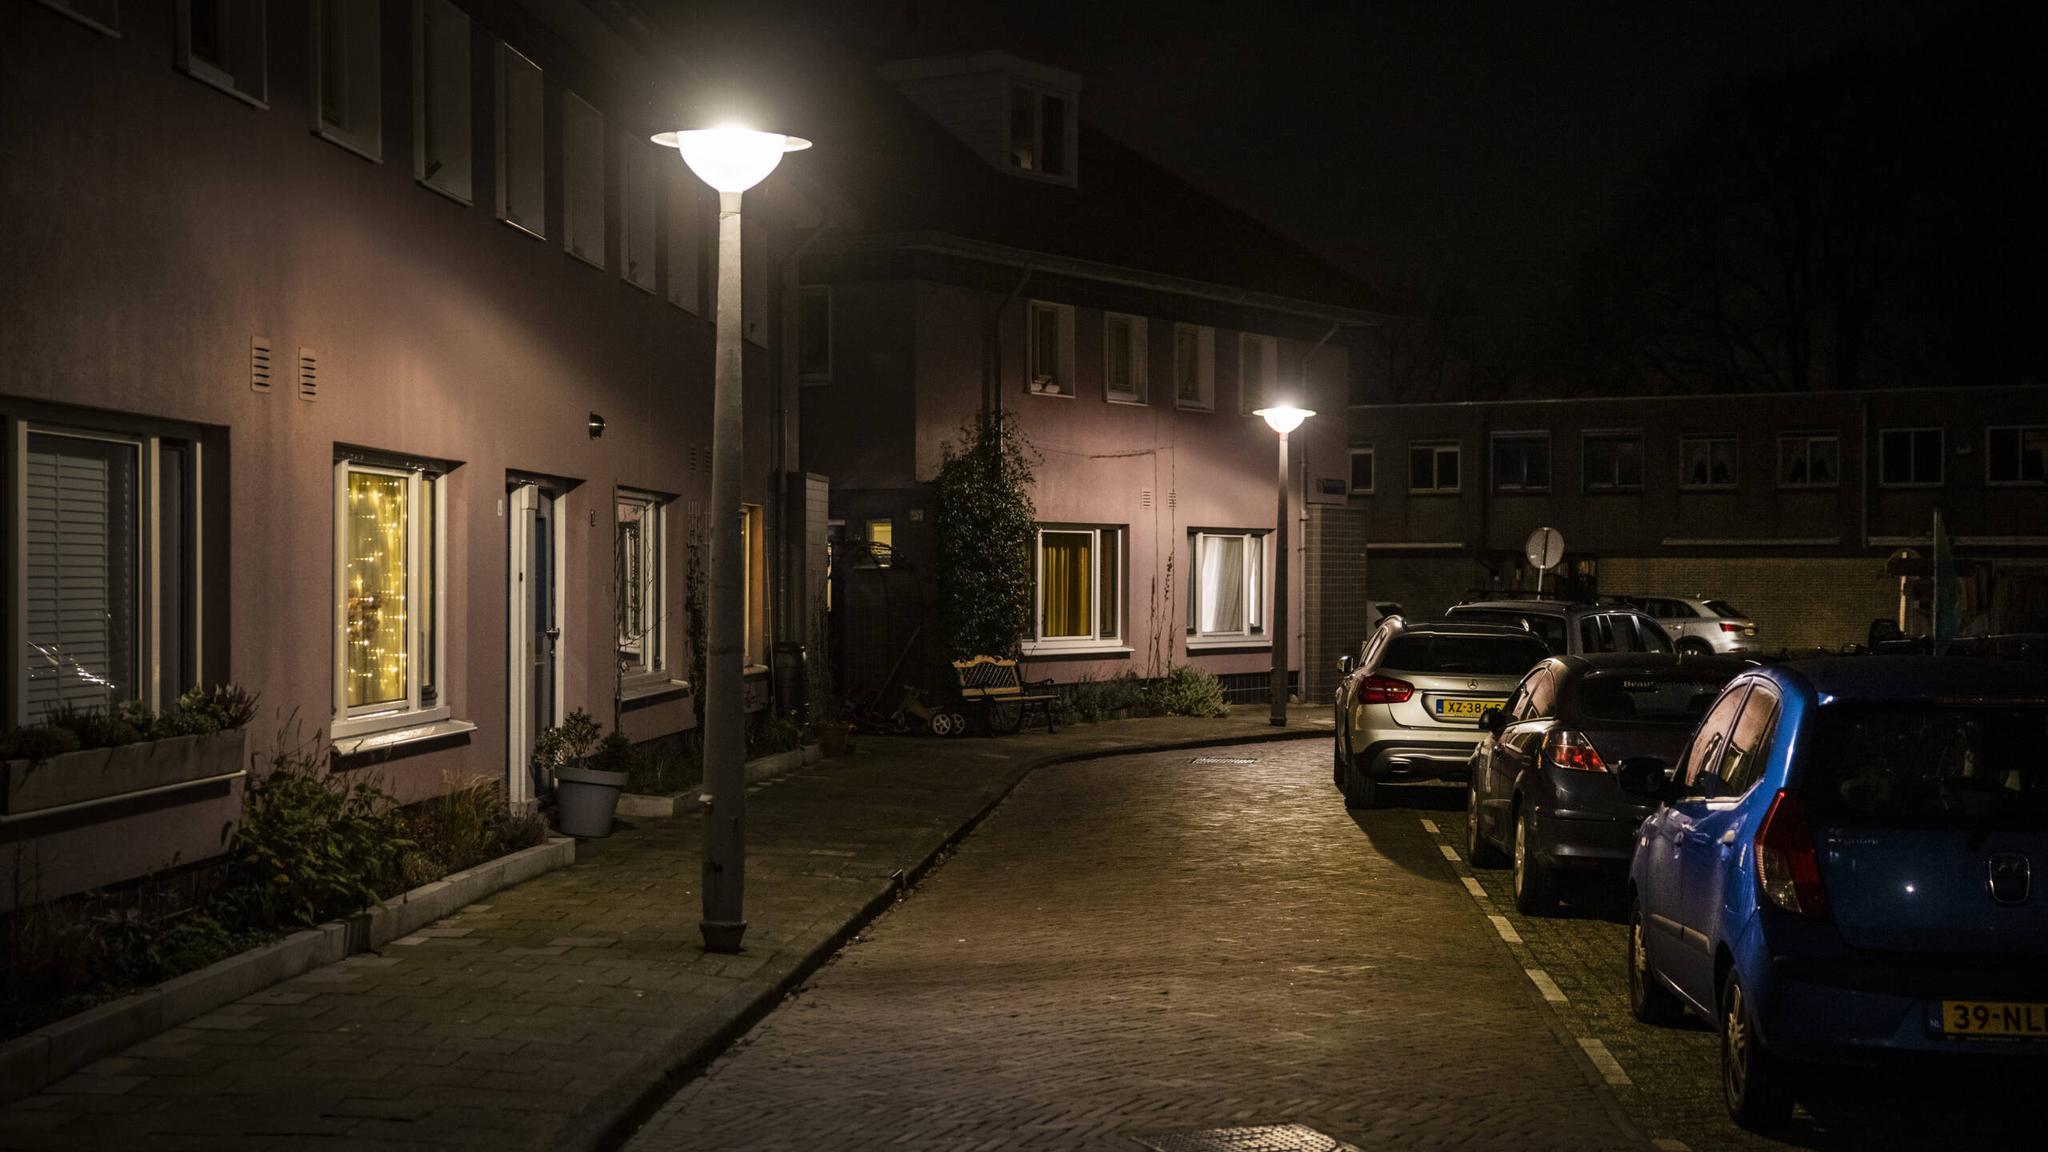 荷兰国会批准执行全国宵禁措施 1月23日起开始实施